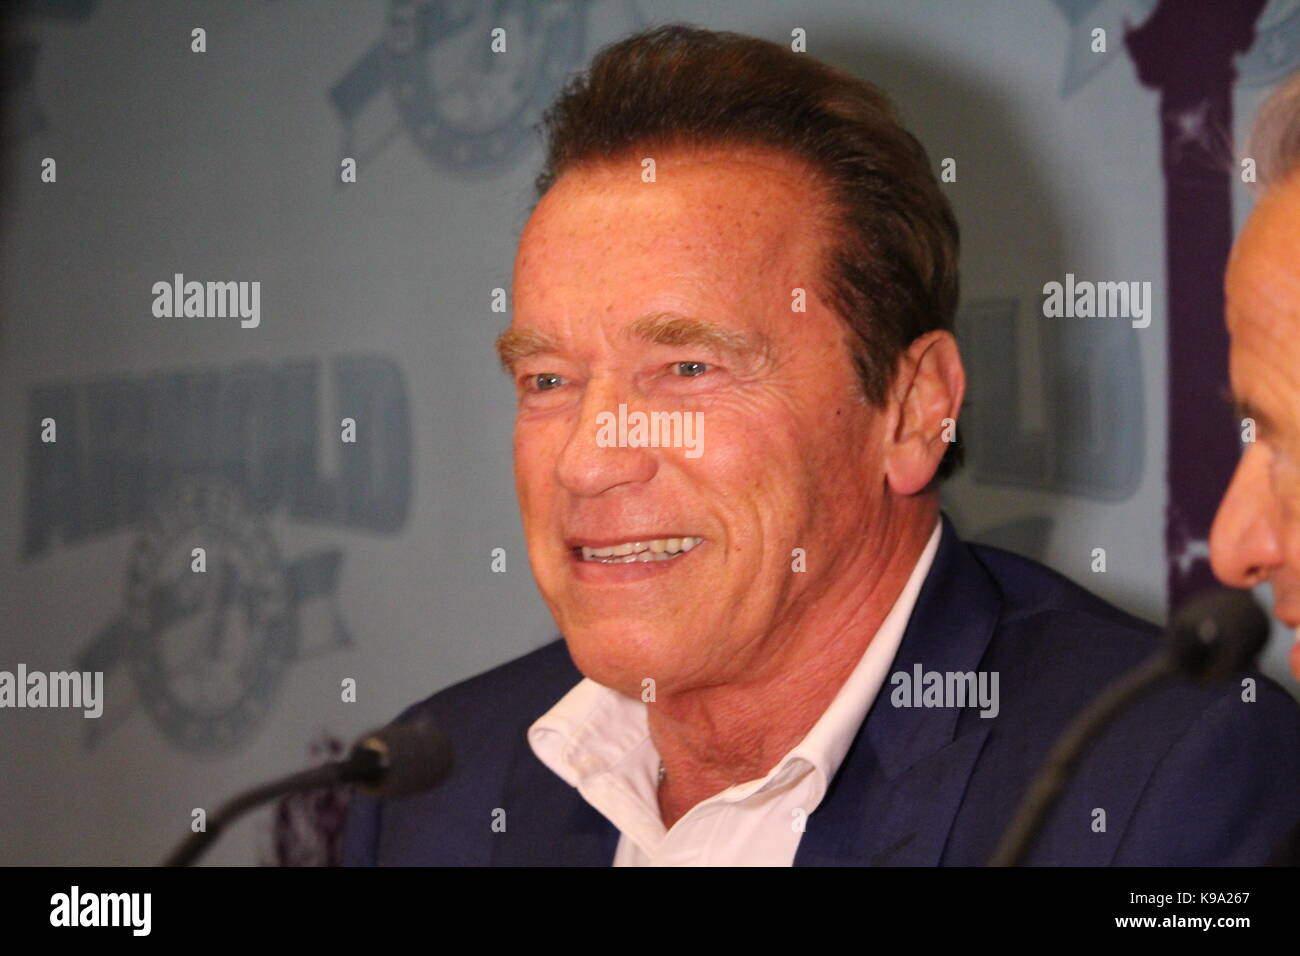 Barcellona, Spagna - 22 settembre 2017: l'attore ed ex governatore dello stato della California Arnold Schwarzenegger Immagini Stock